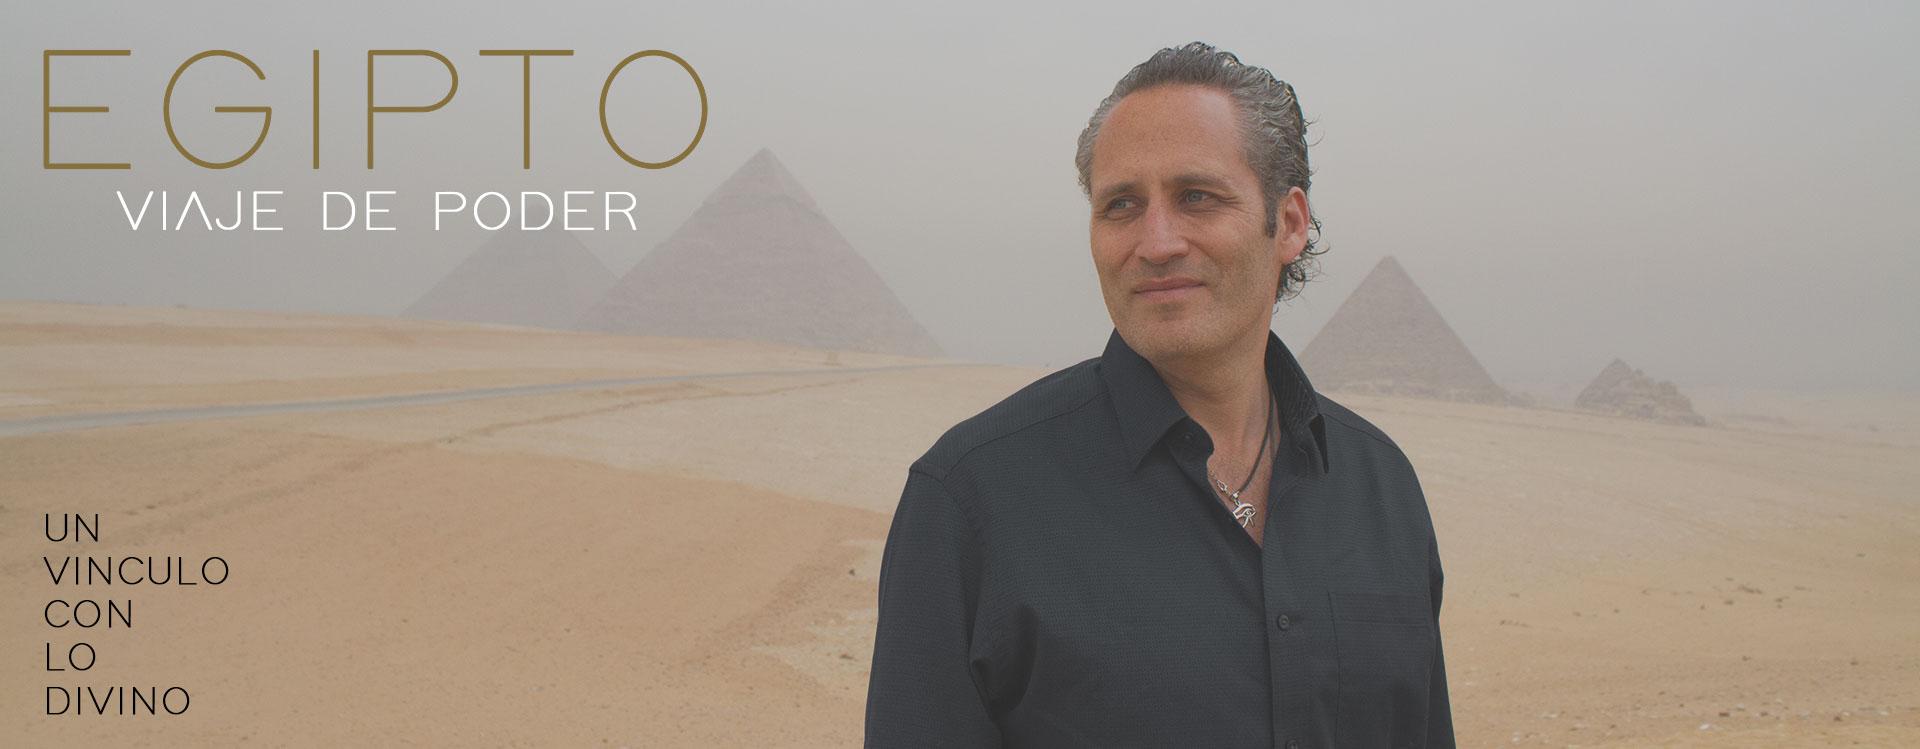 egipto-nueva